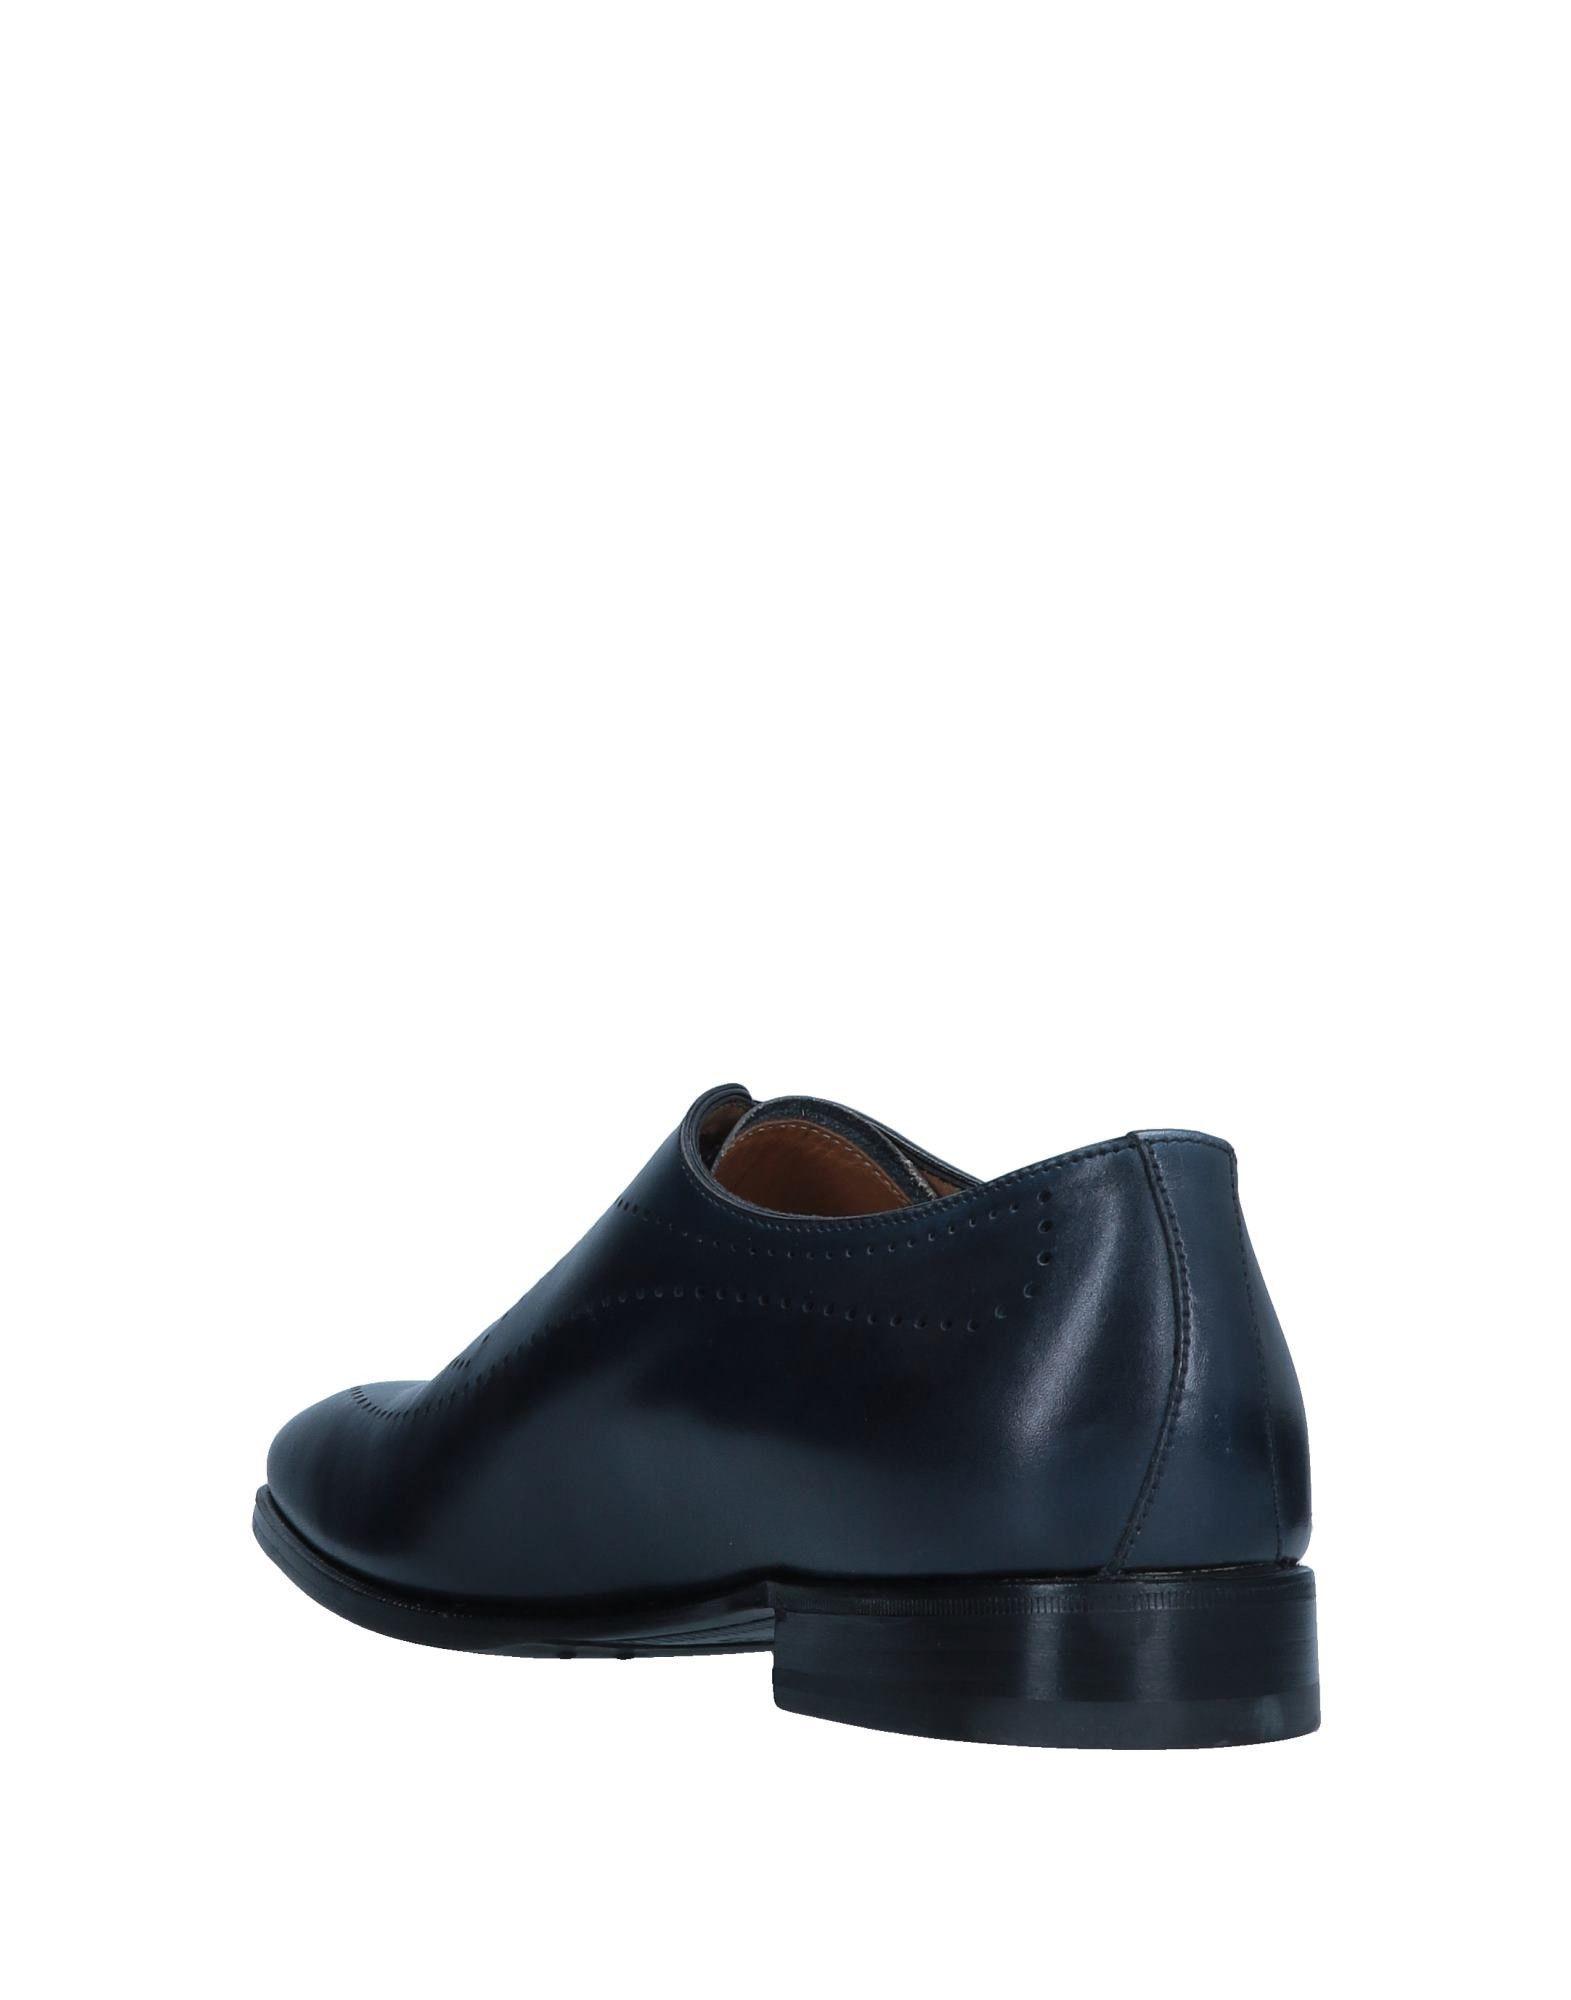 Barrett Schnürschuhe Qualität Herren  11548399QV Gute Qualität Schnürschuhe beliebte Schuhe a5bc41